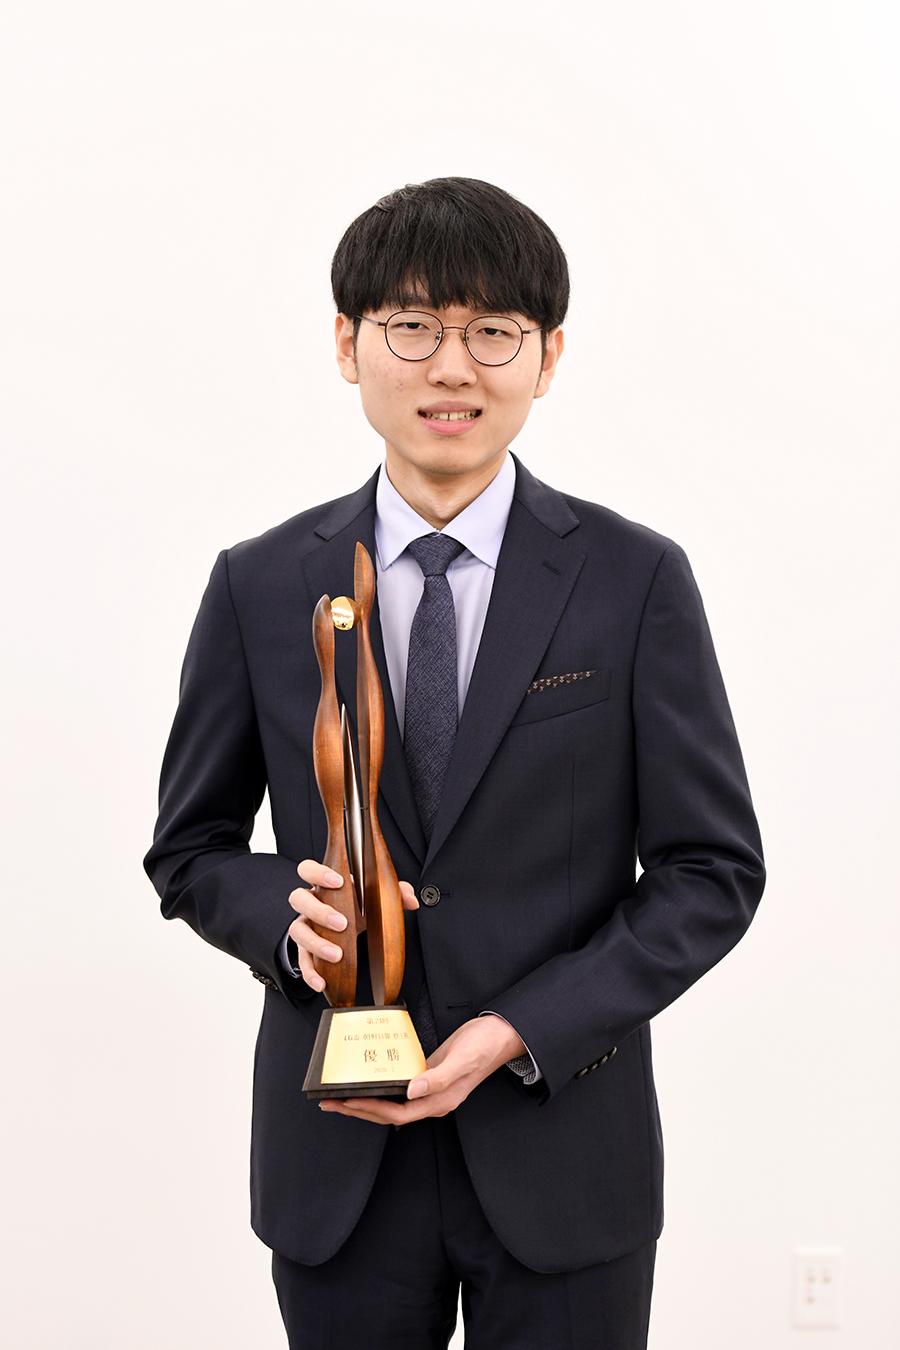 [서울신문] '최초 10 억 돌파'세계 최강 신진 9 단 상금도 최강!